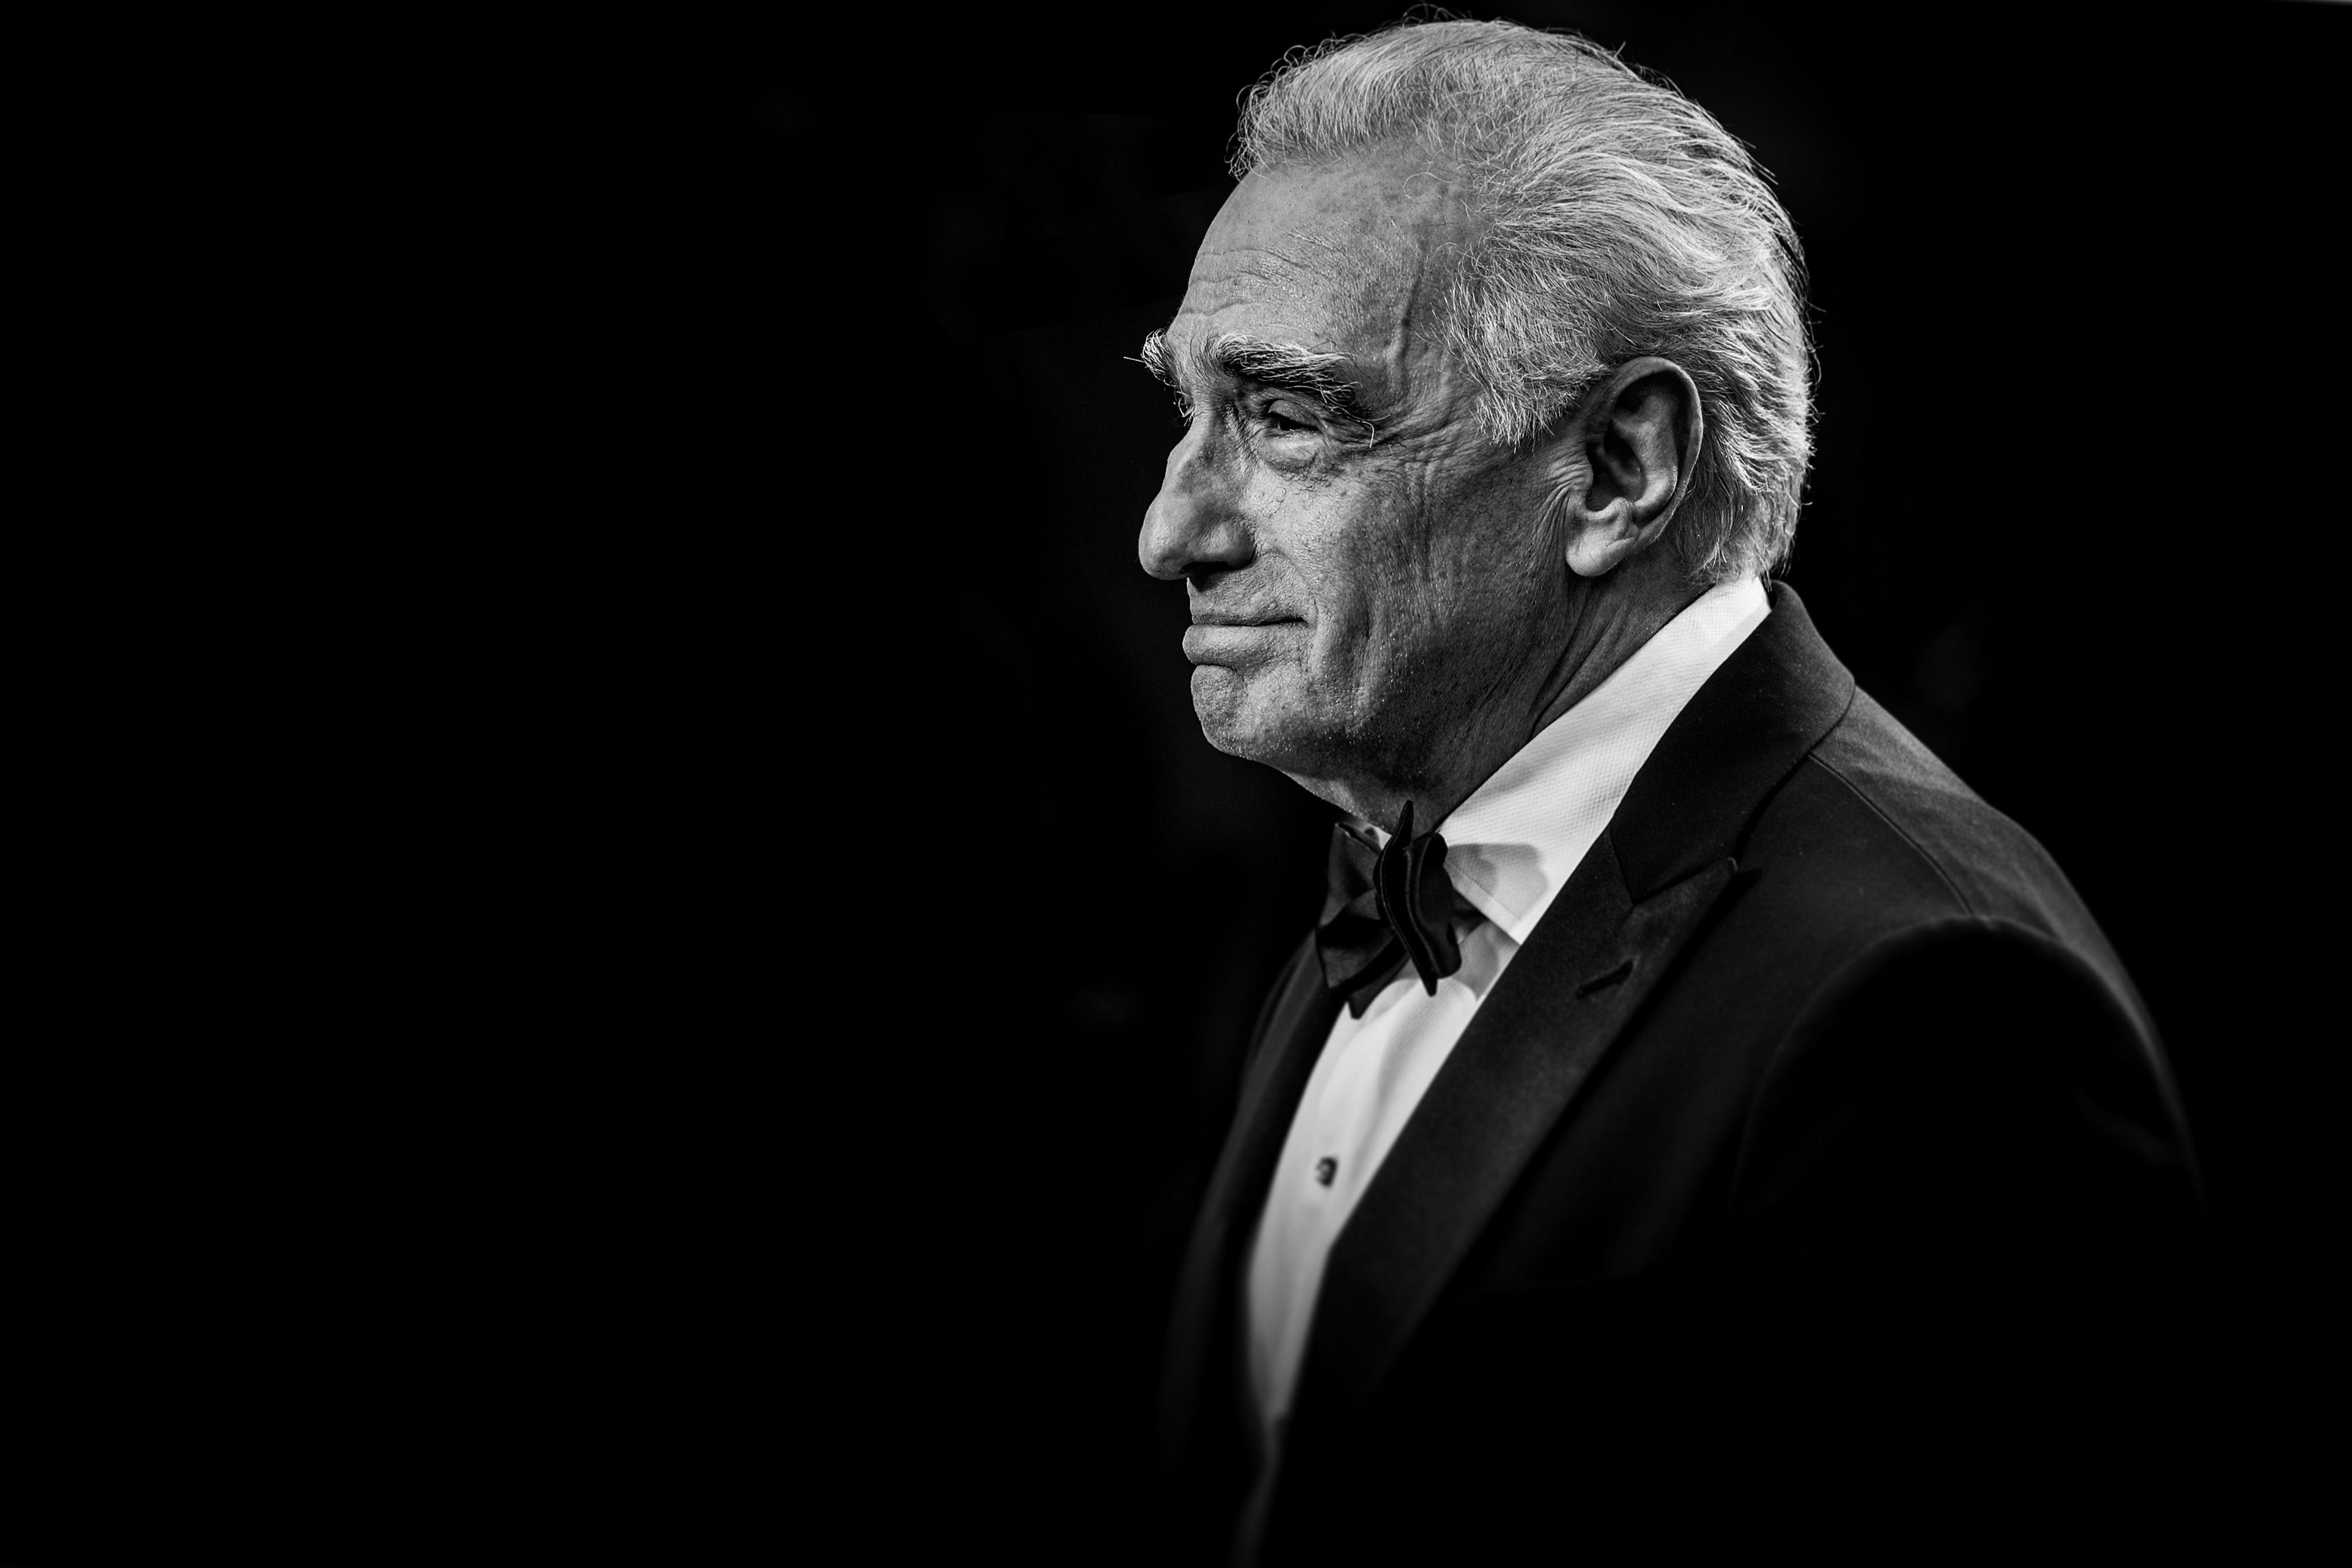 La mejor colección de películas de Martin Scorsese en Amazon